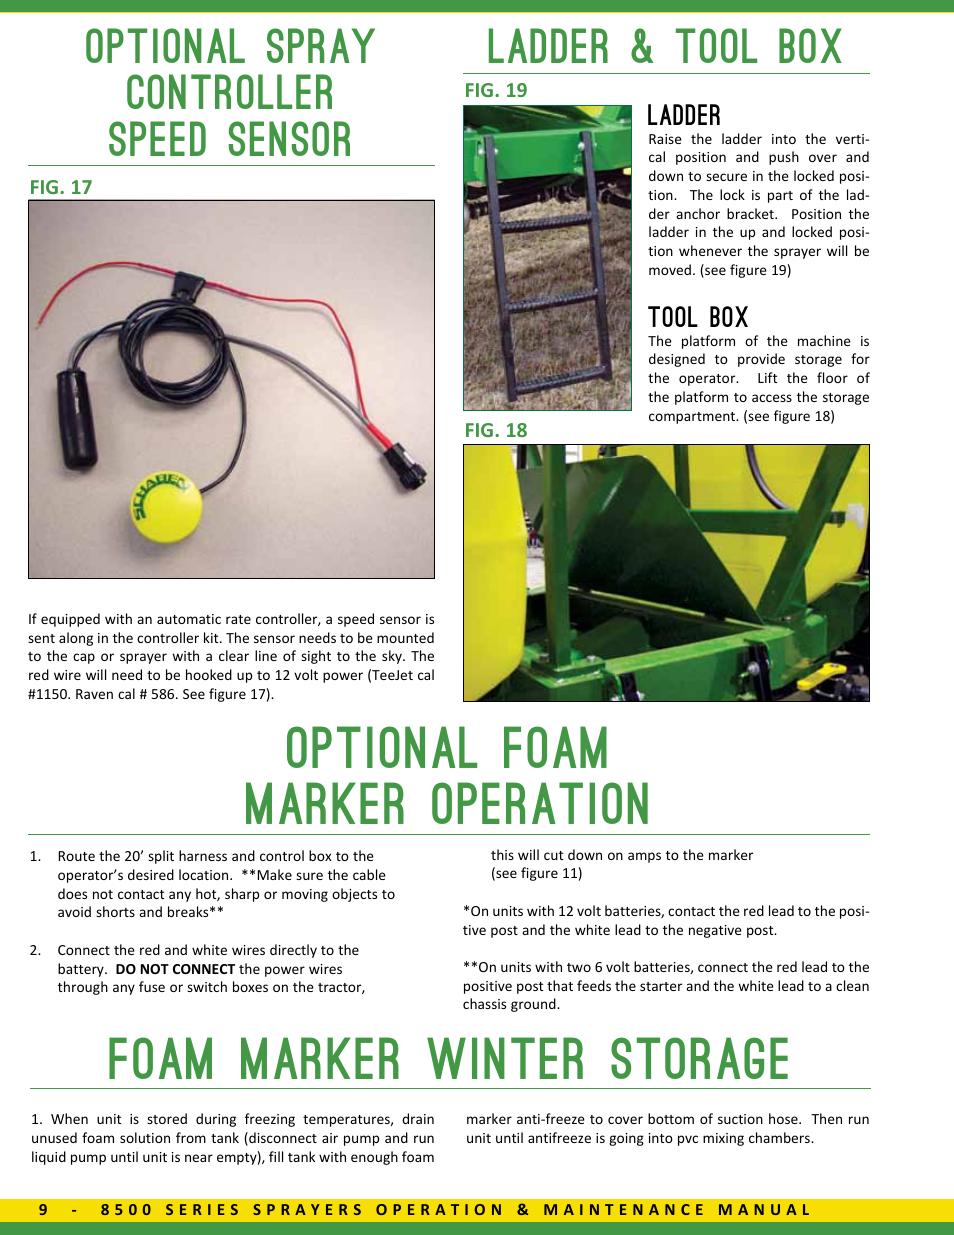 Optional Foam Marker Operation Foam Marker Winter Storage